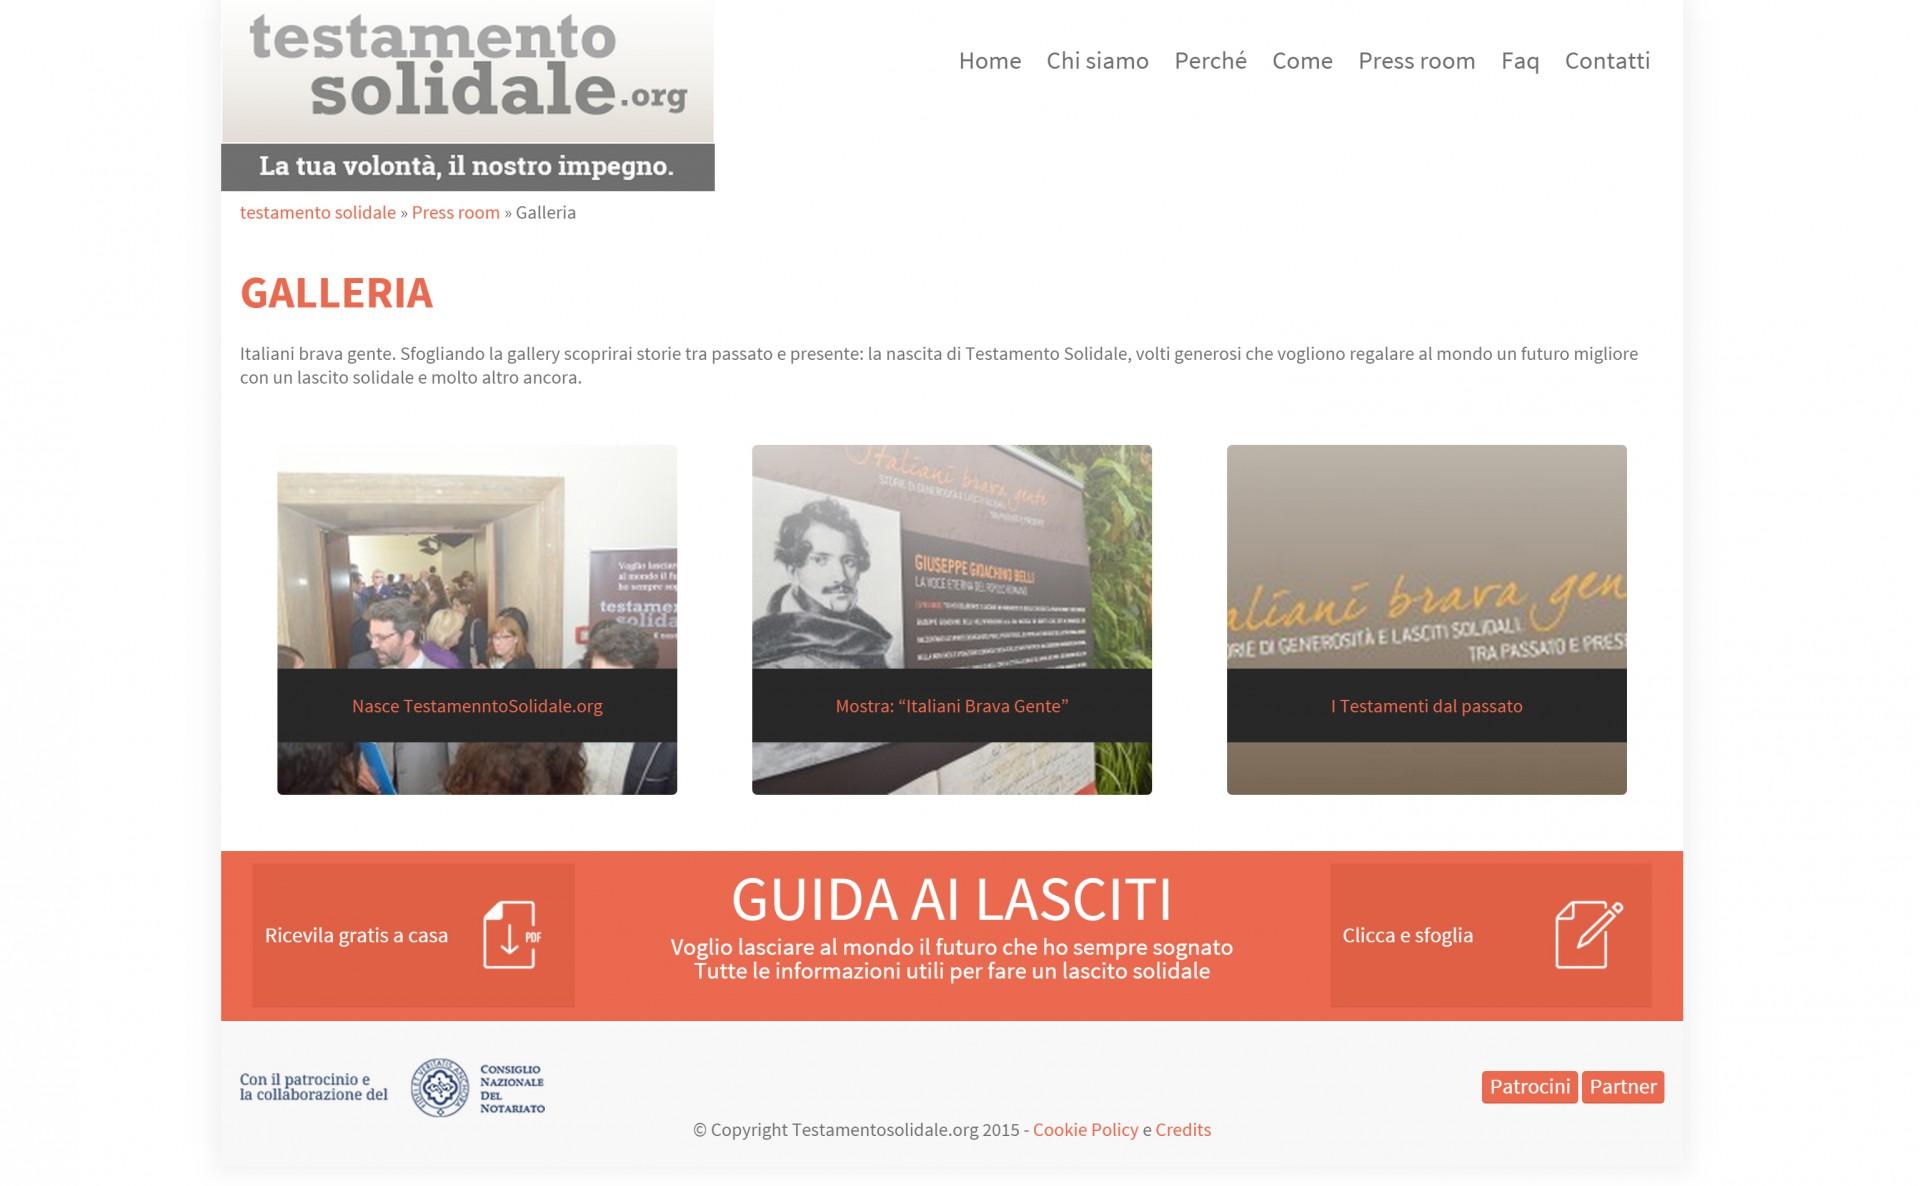 Testamento Solidale - Sviluppo Web - Michele Settembre